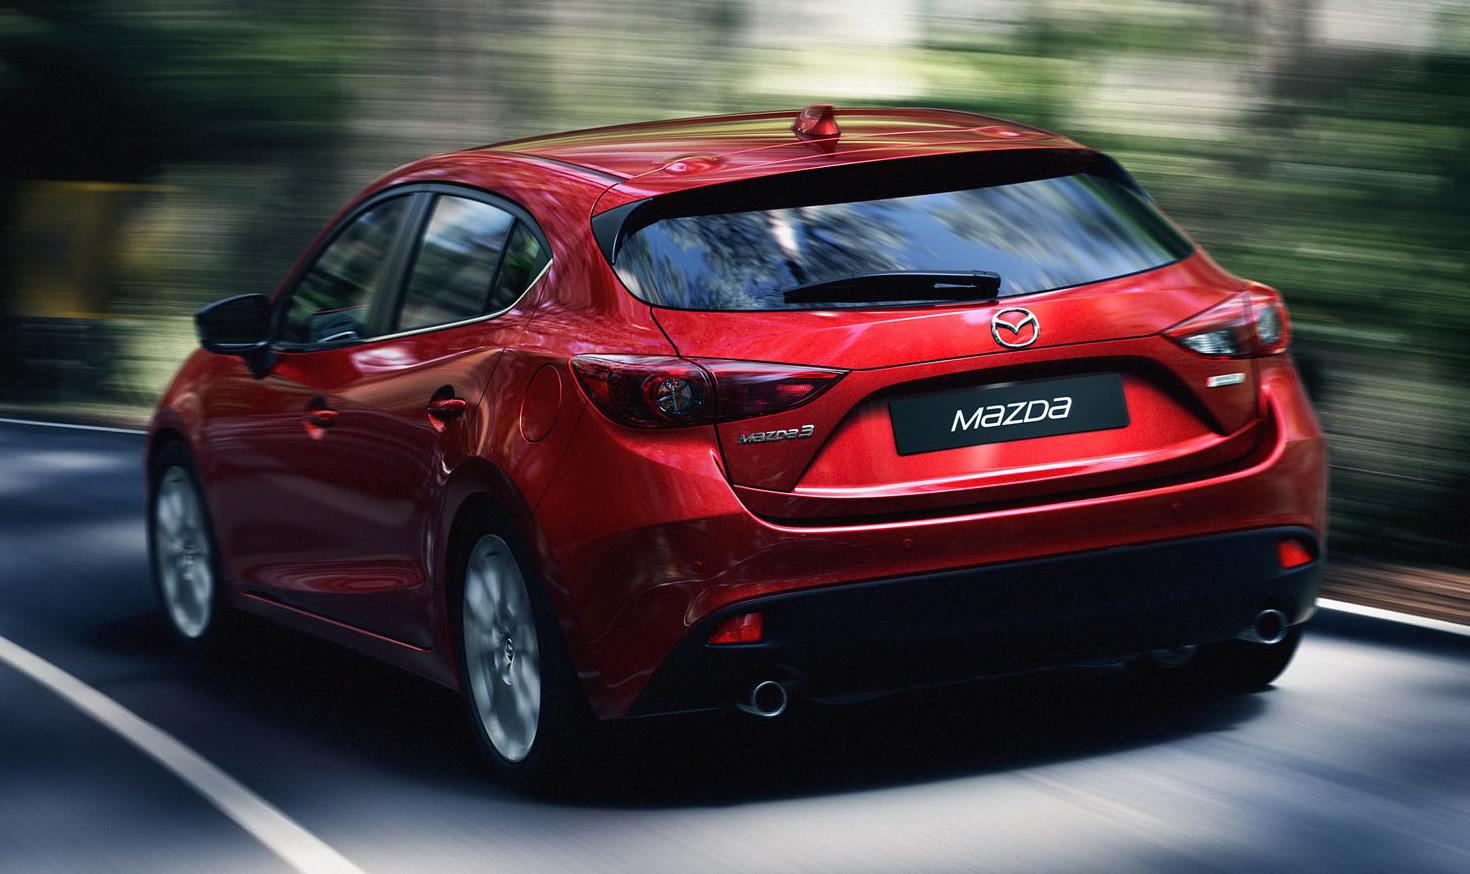 2014 Mazda 3 31 Widescreen Car Wallpaper